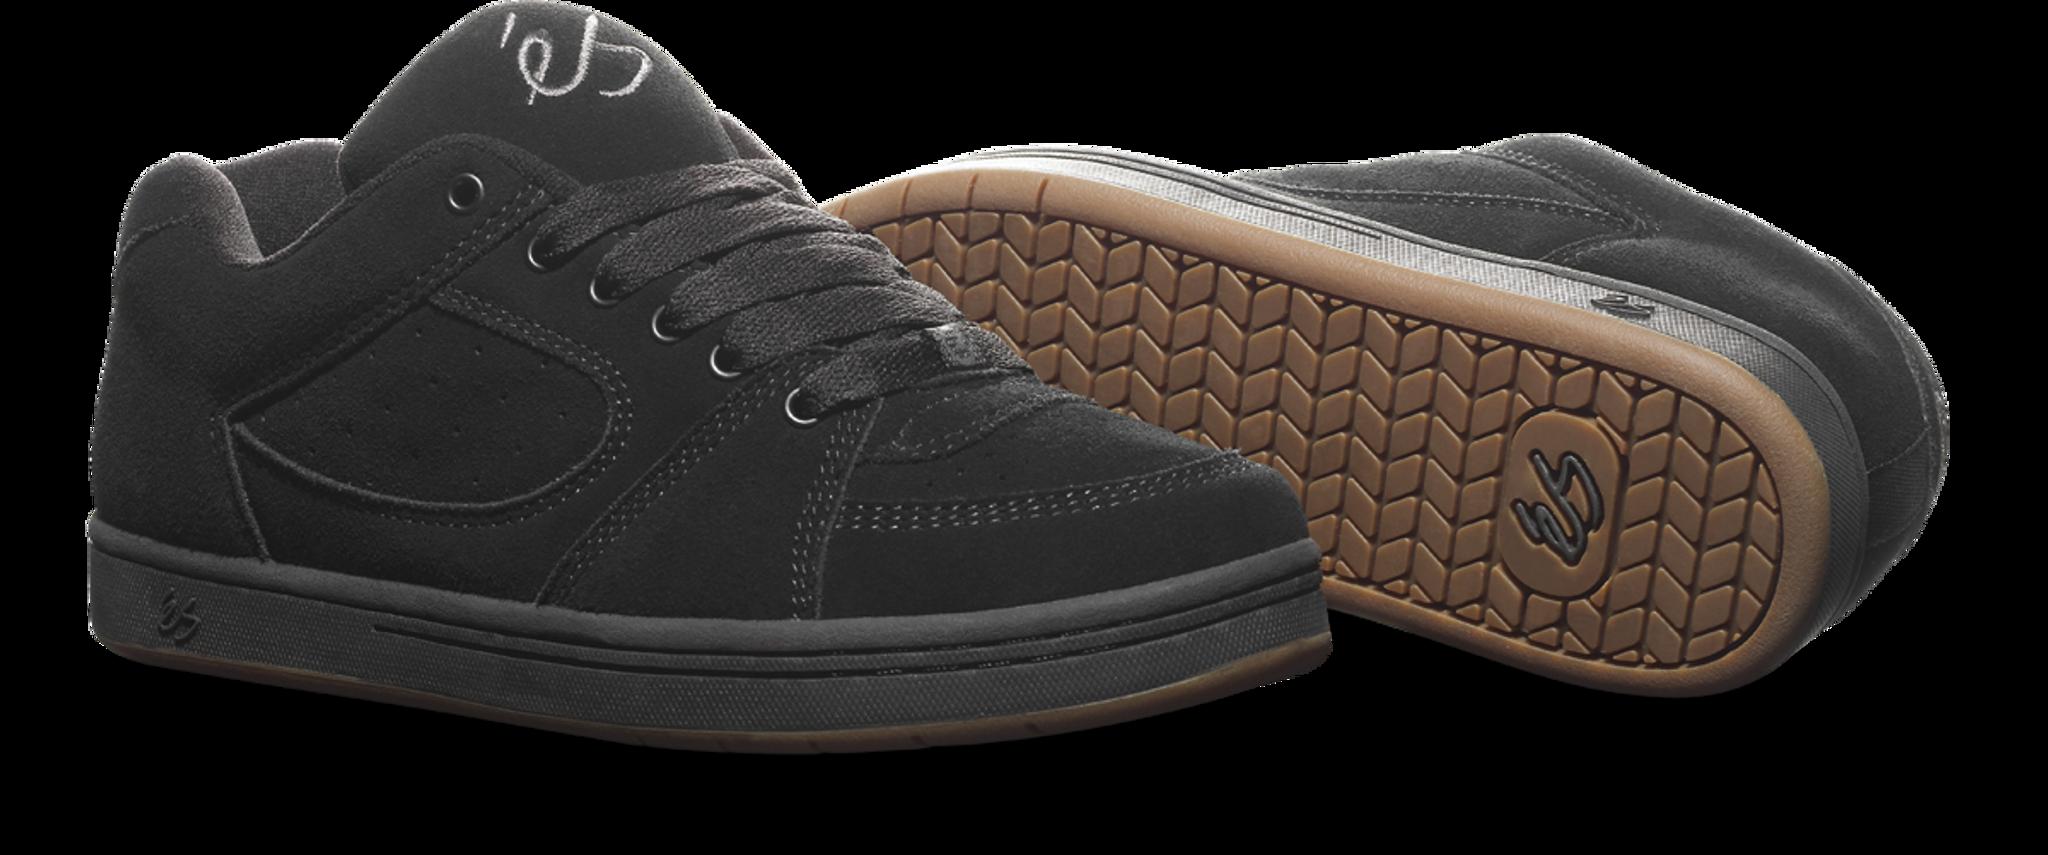 fc01e1bbd343 eS ACCEL OG SHOES Skate Sneakers 5101000139 001